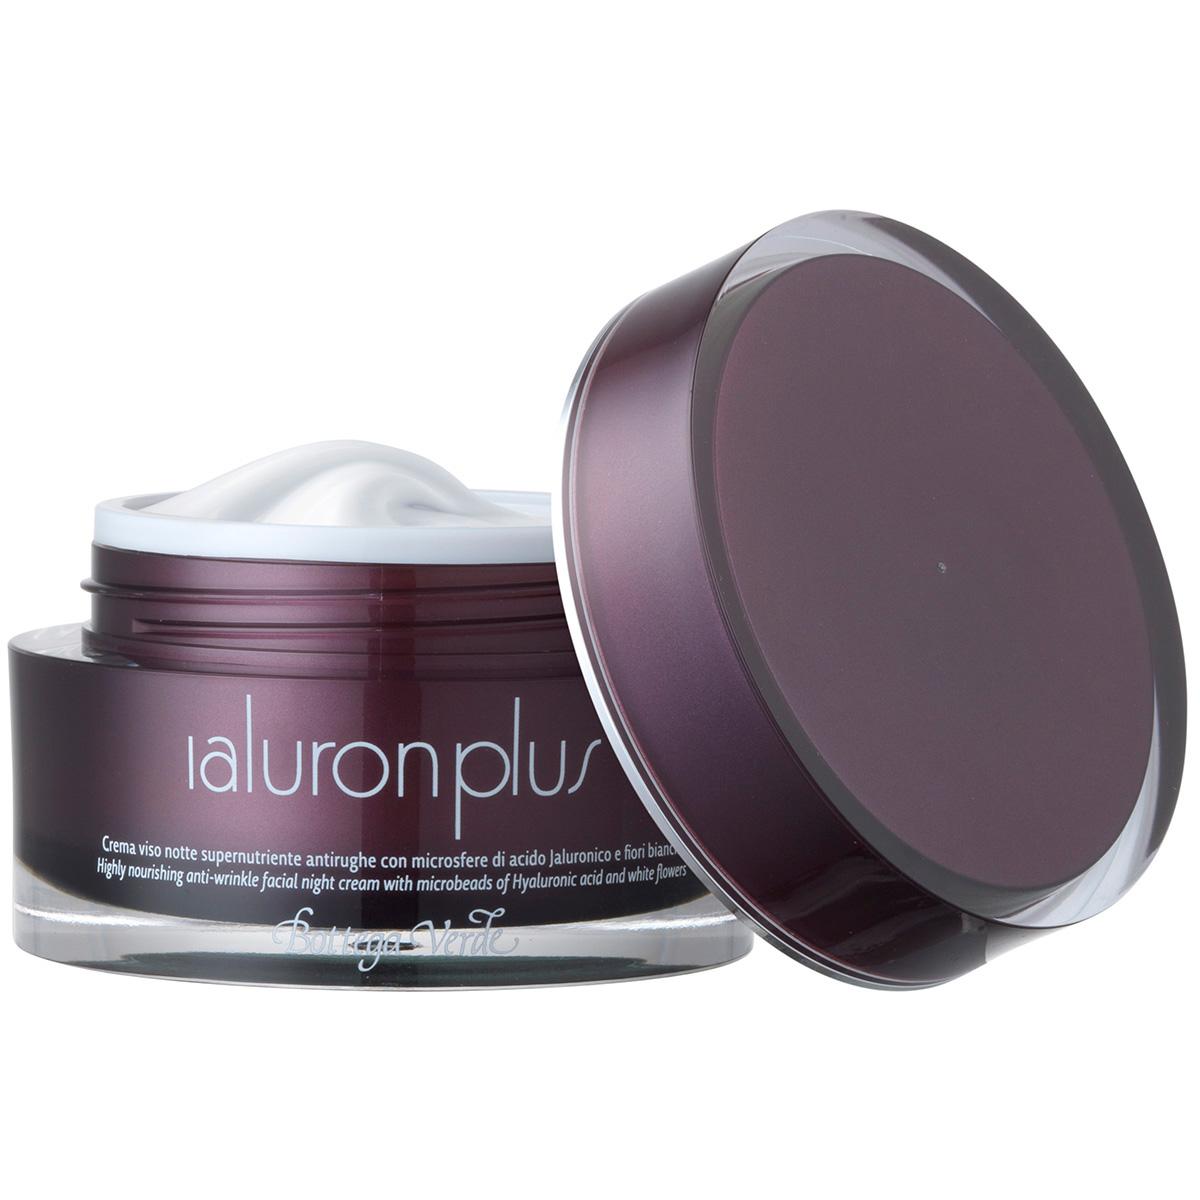 Acid hialuronic - Crema de fata pentru noapte, super-nutritiva, antirid, cu microsfere de acid hialuronic, Lipex® L'sens si flori albe